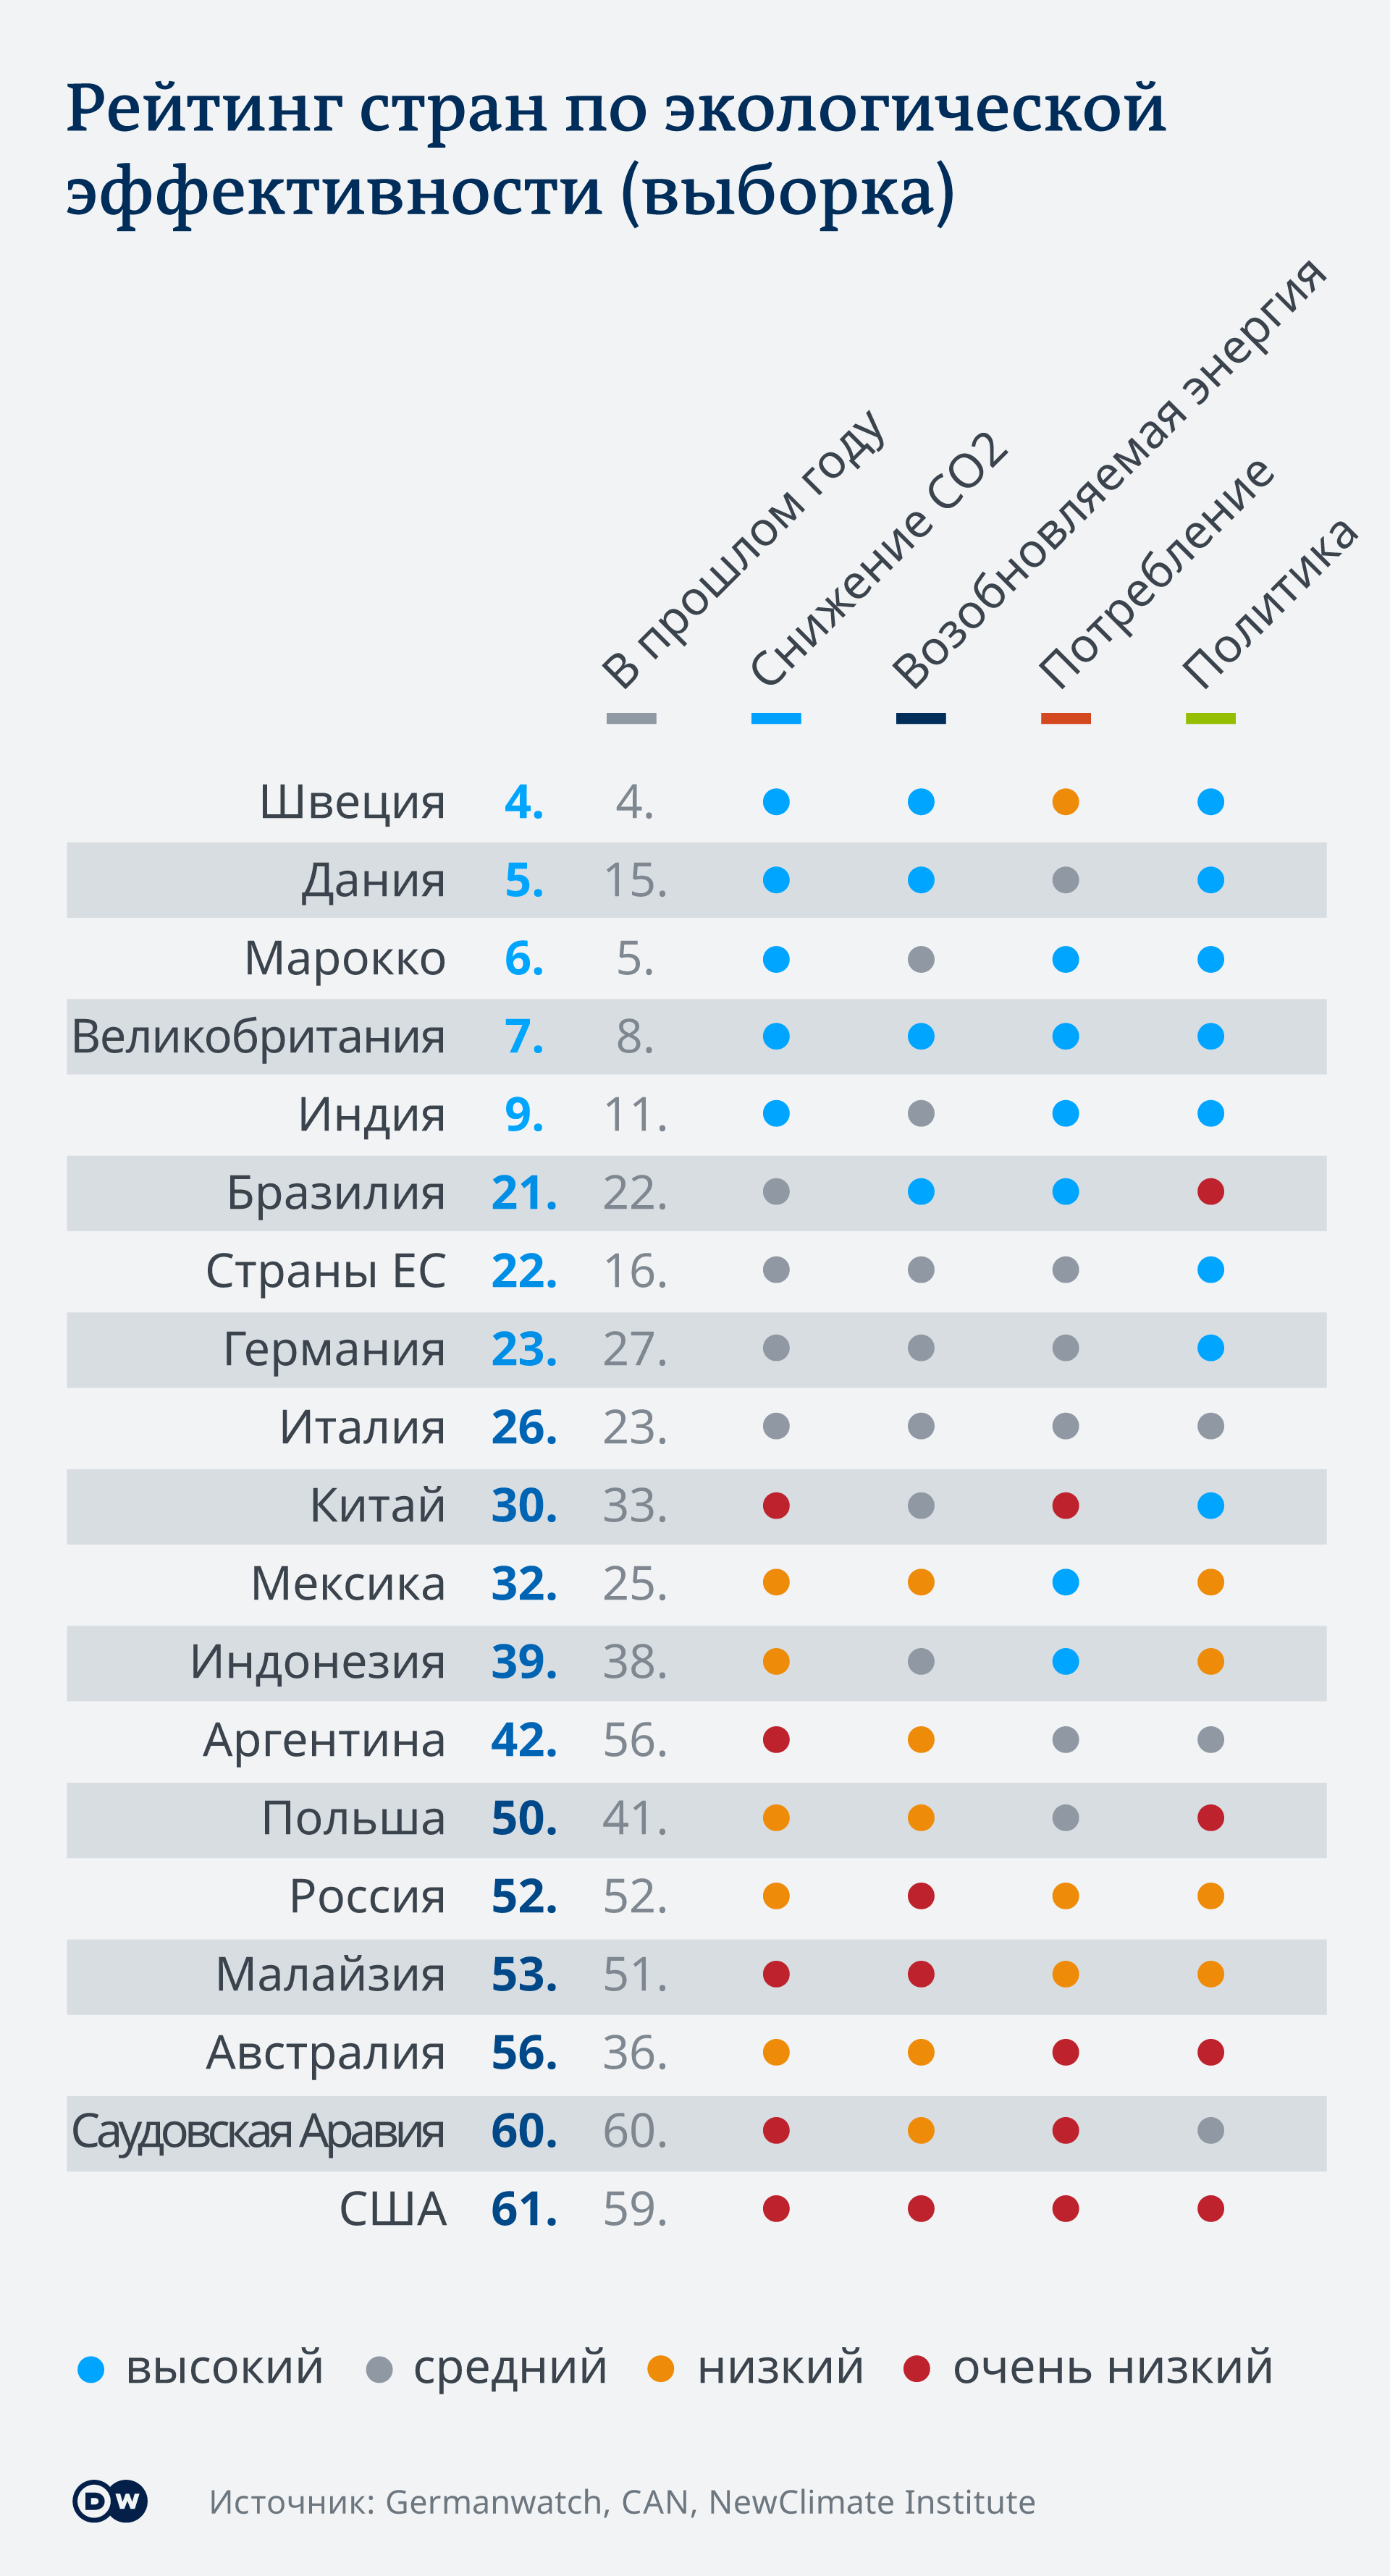 Инфографика Рейтинг стран по экологической эффективности